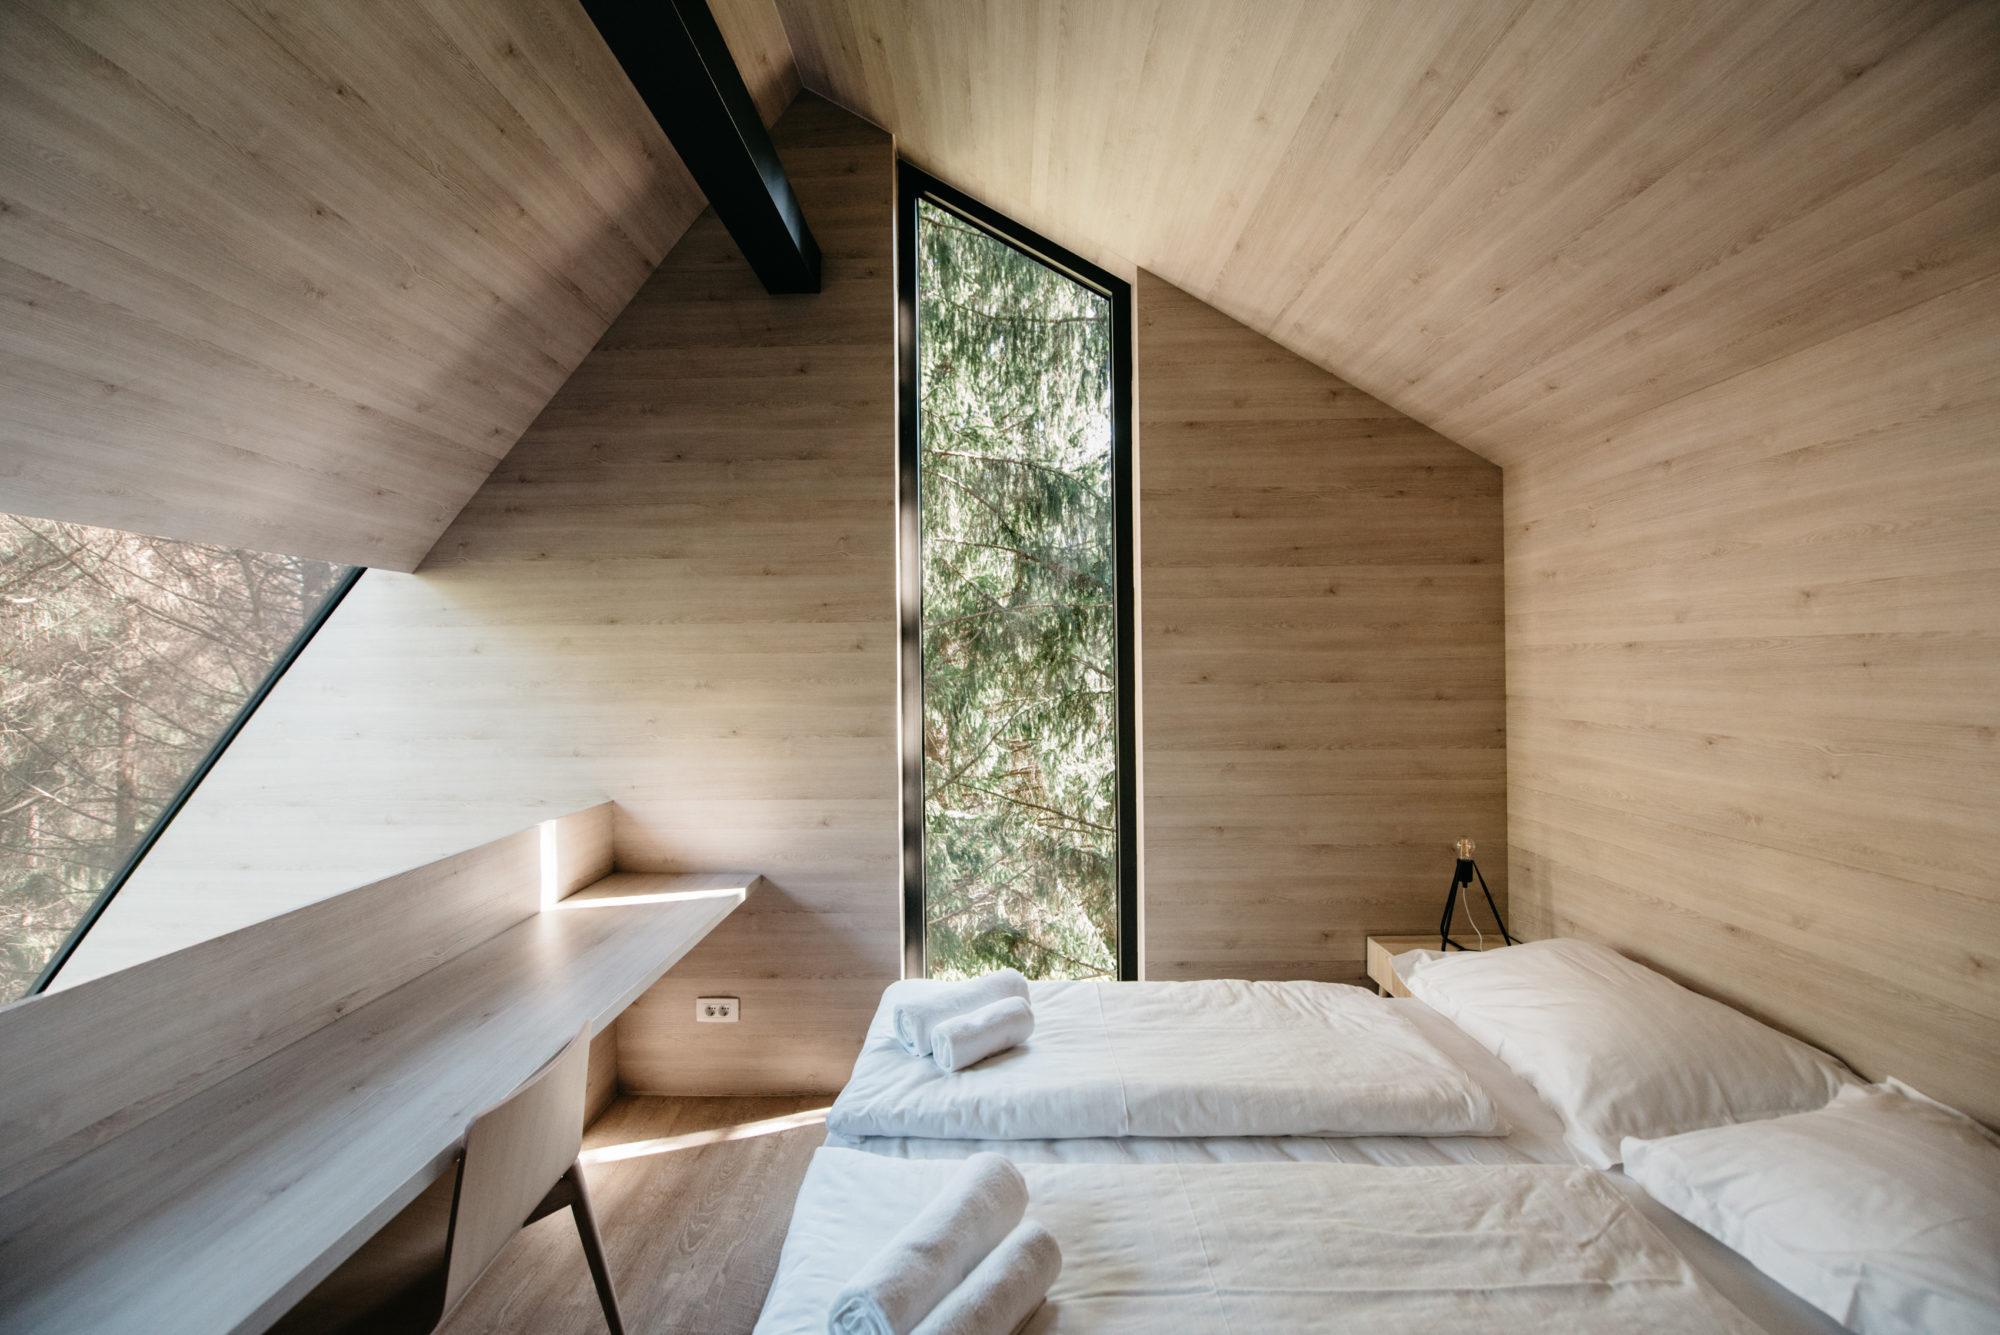 Glamping kućice na drveću imaju 35 kvadrata, mogu primiti četiri osobe. Imaju dvije spavaće sobe; jednu s francuskim krevetom i drugu s dva odvojena kreveta.